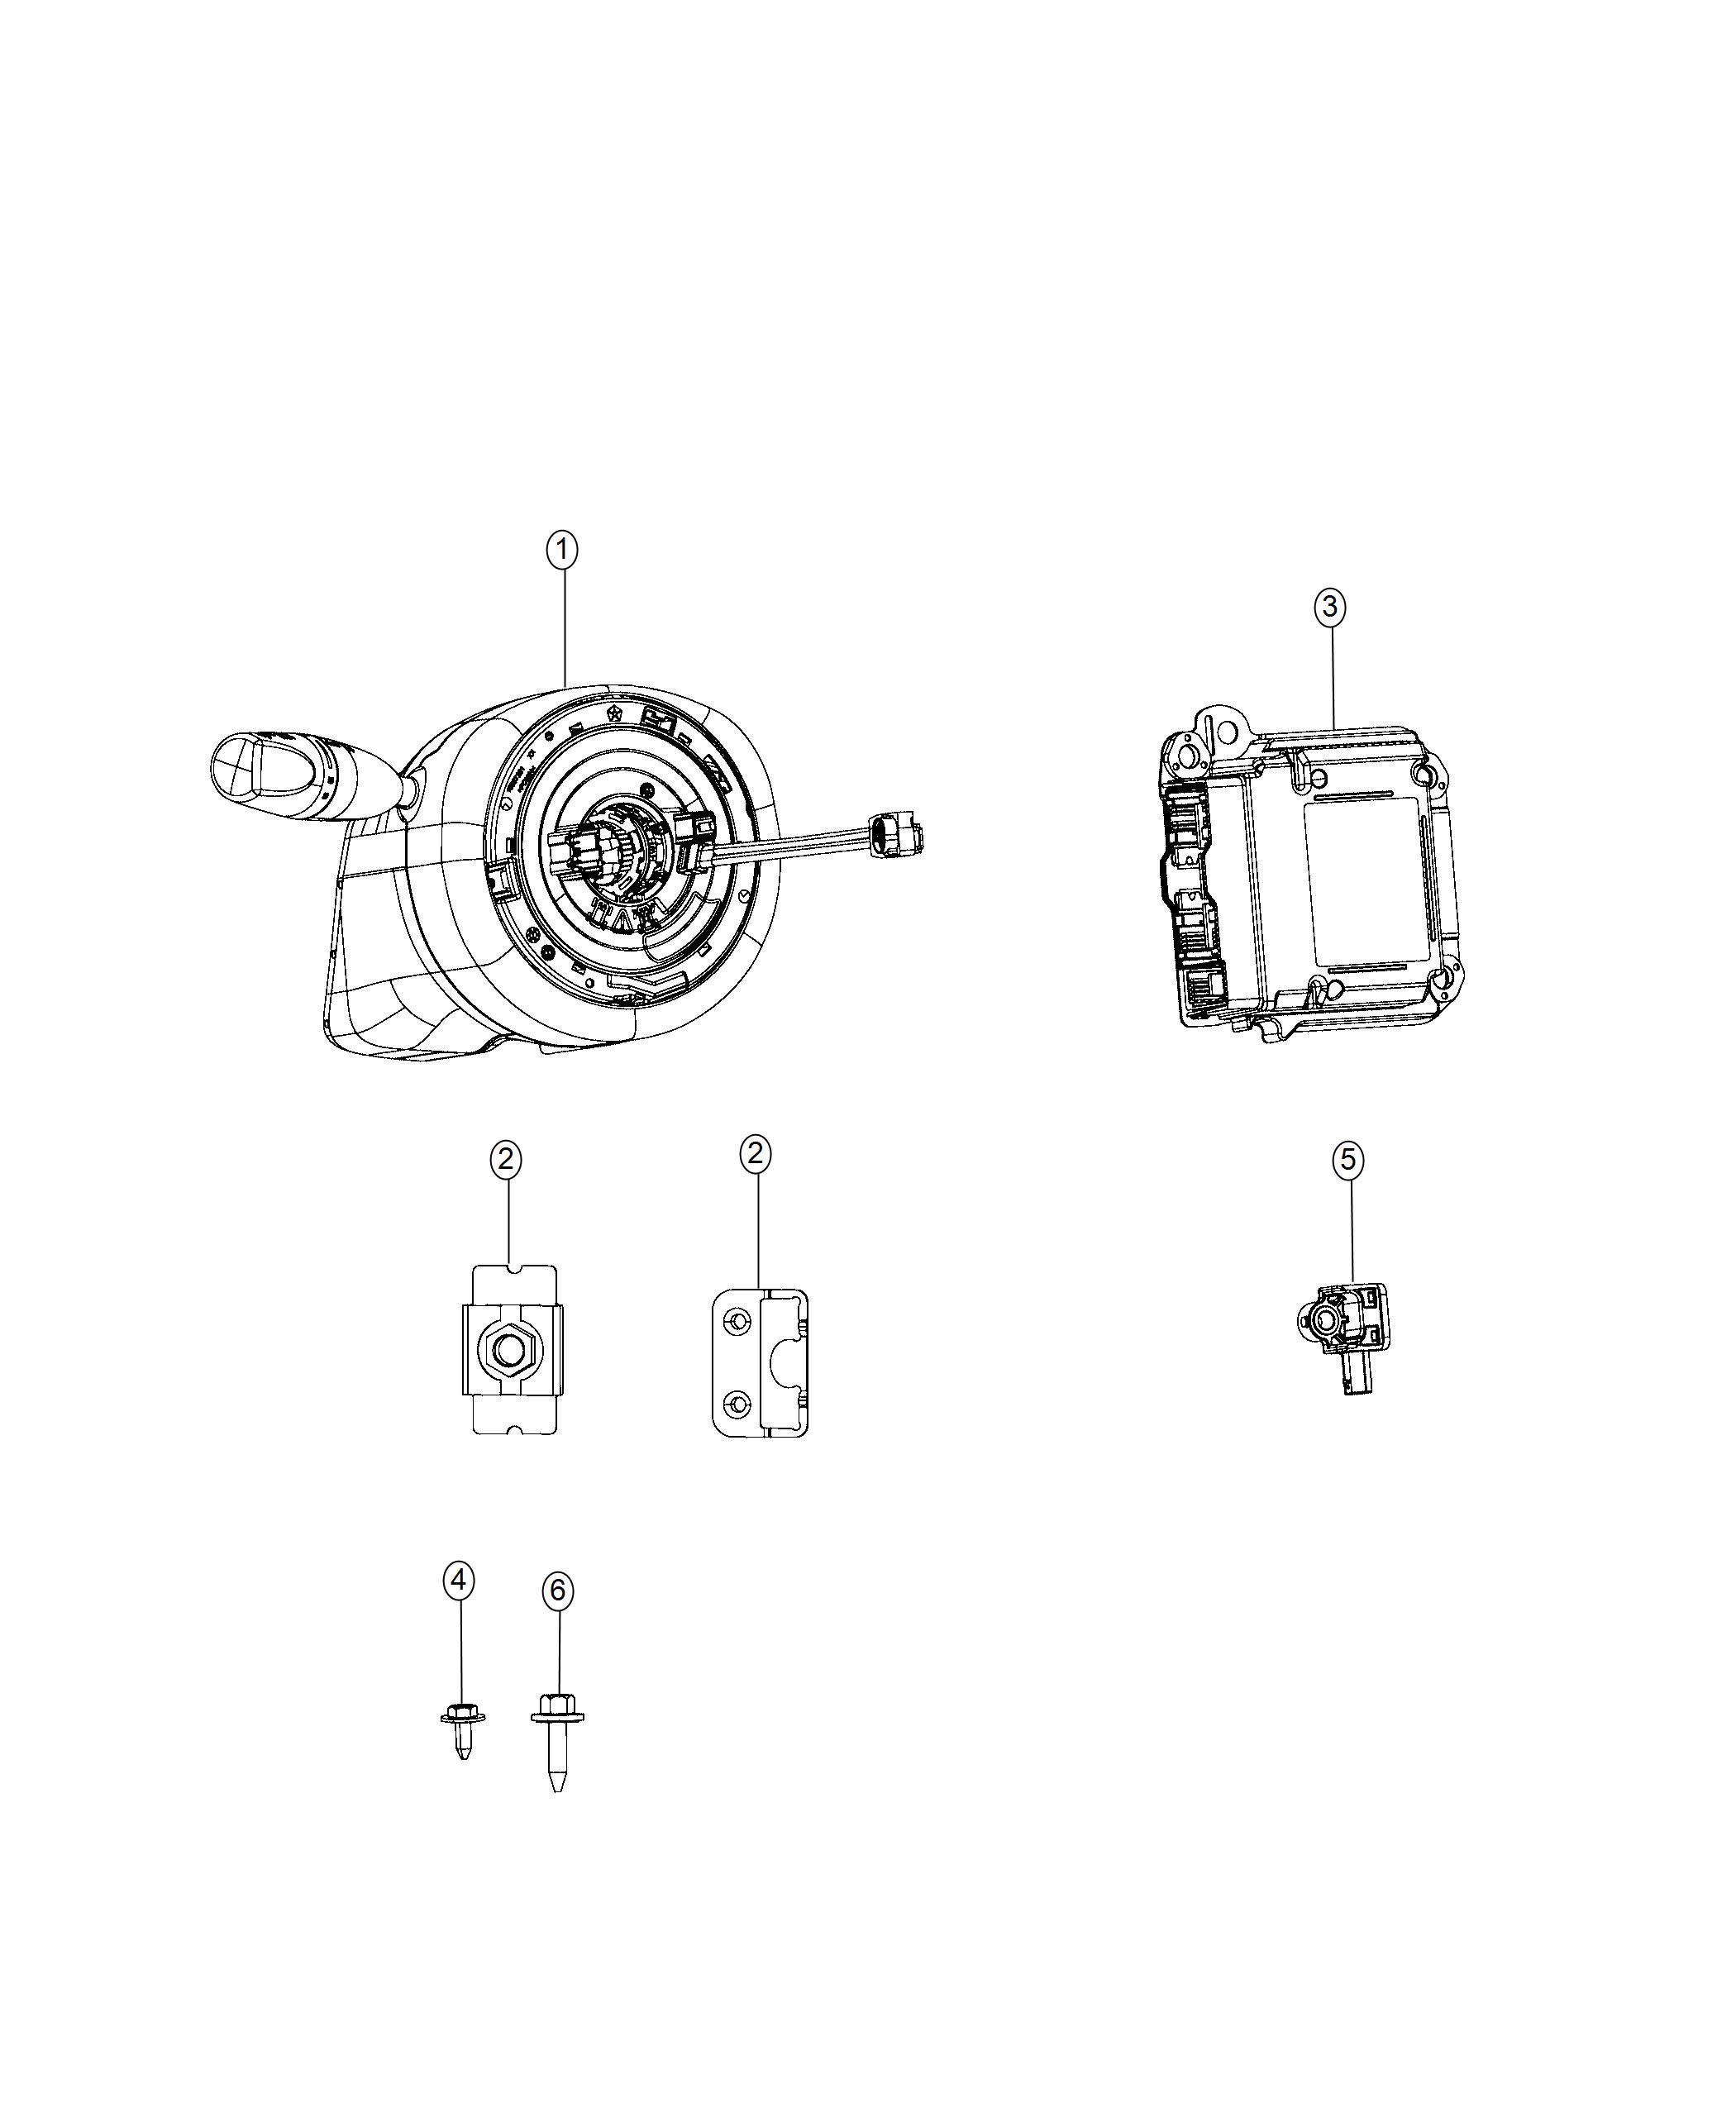 Chrysler 300 Module Occupant Restraint Export Frt